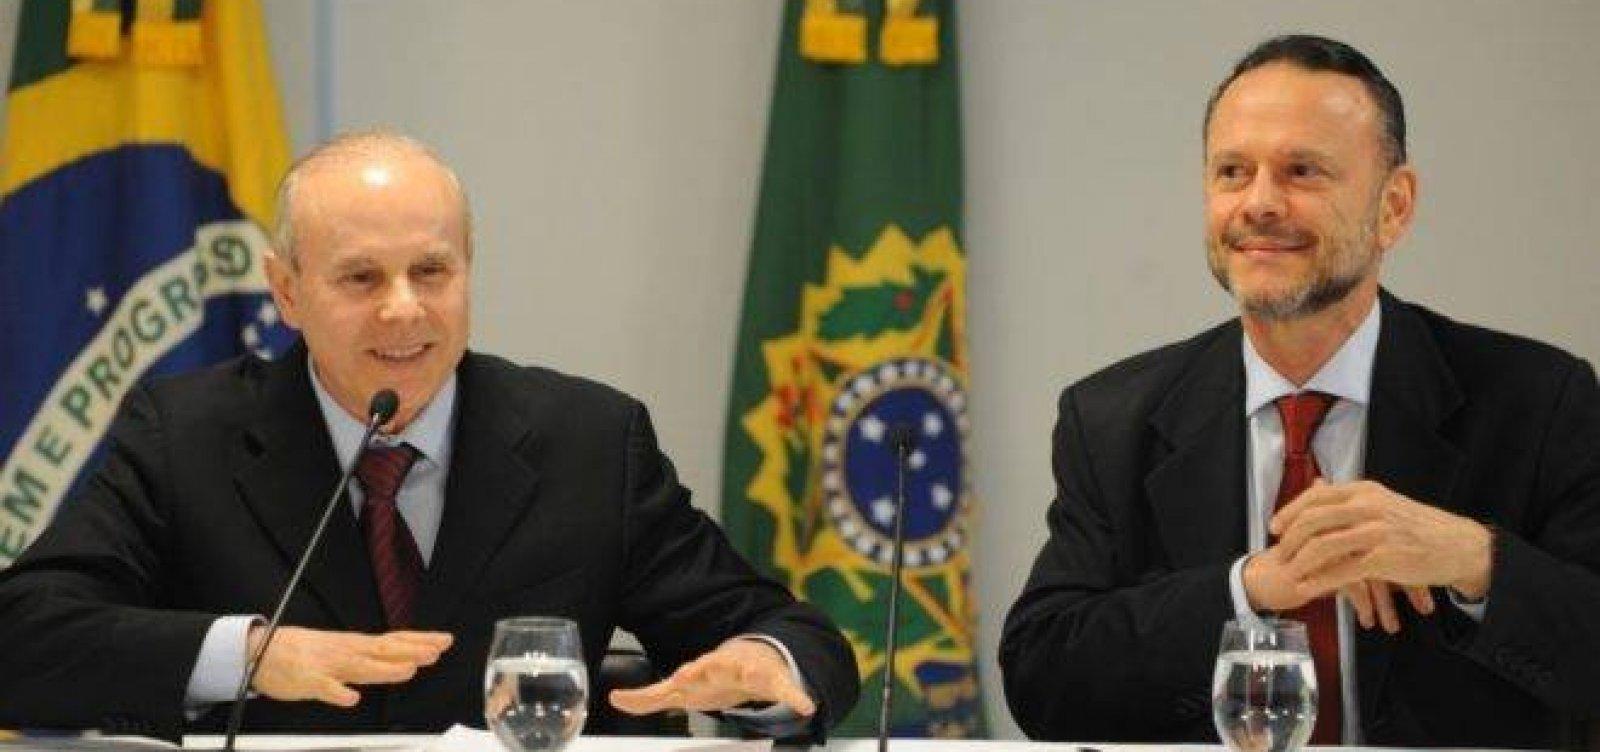 Mantega e Coutinho viram réus por fraude em repasses do BNDES